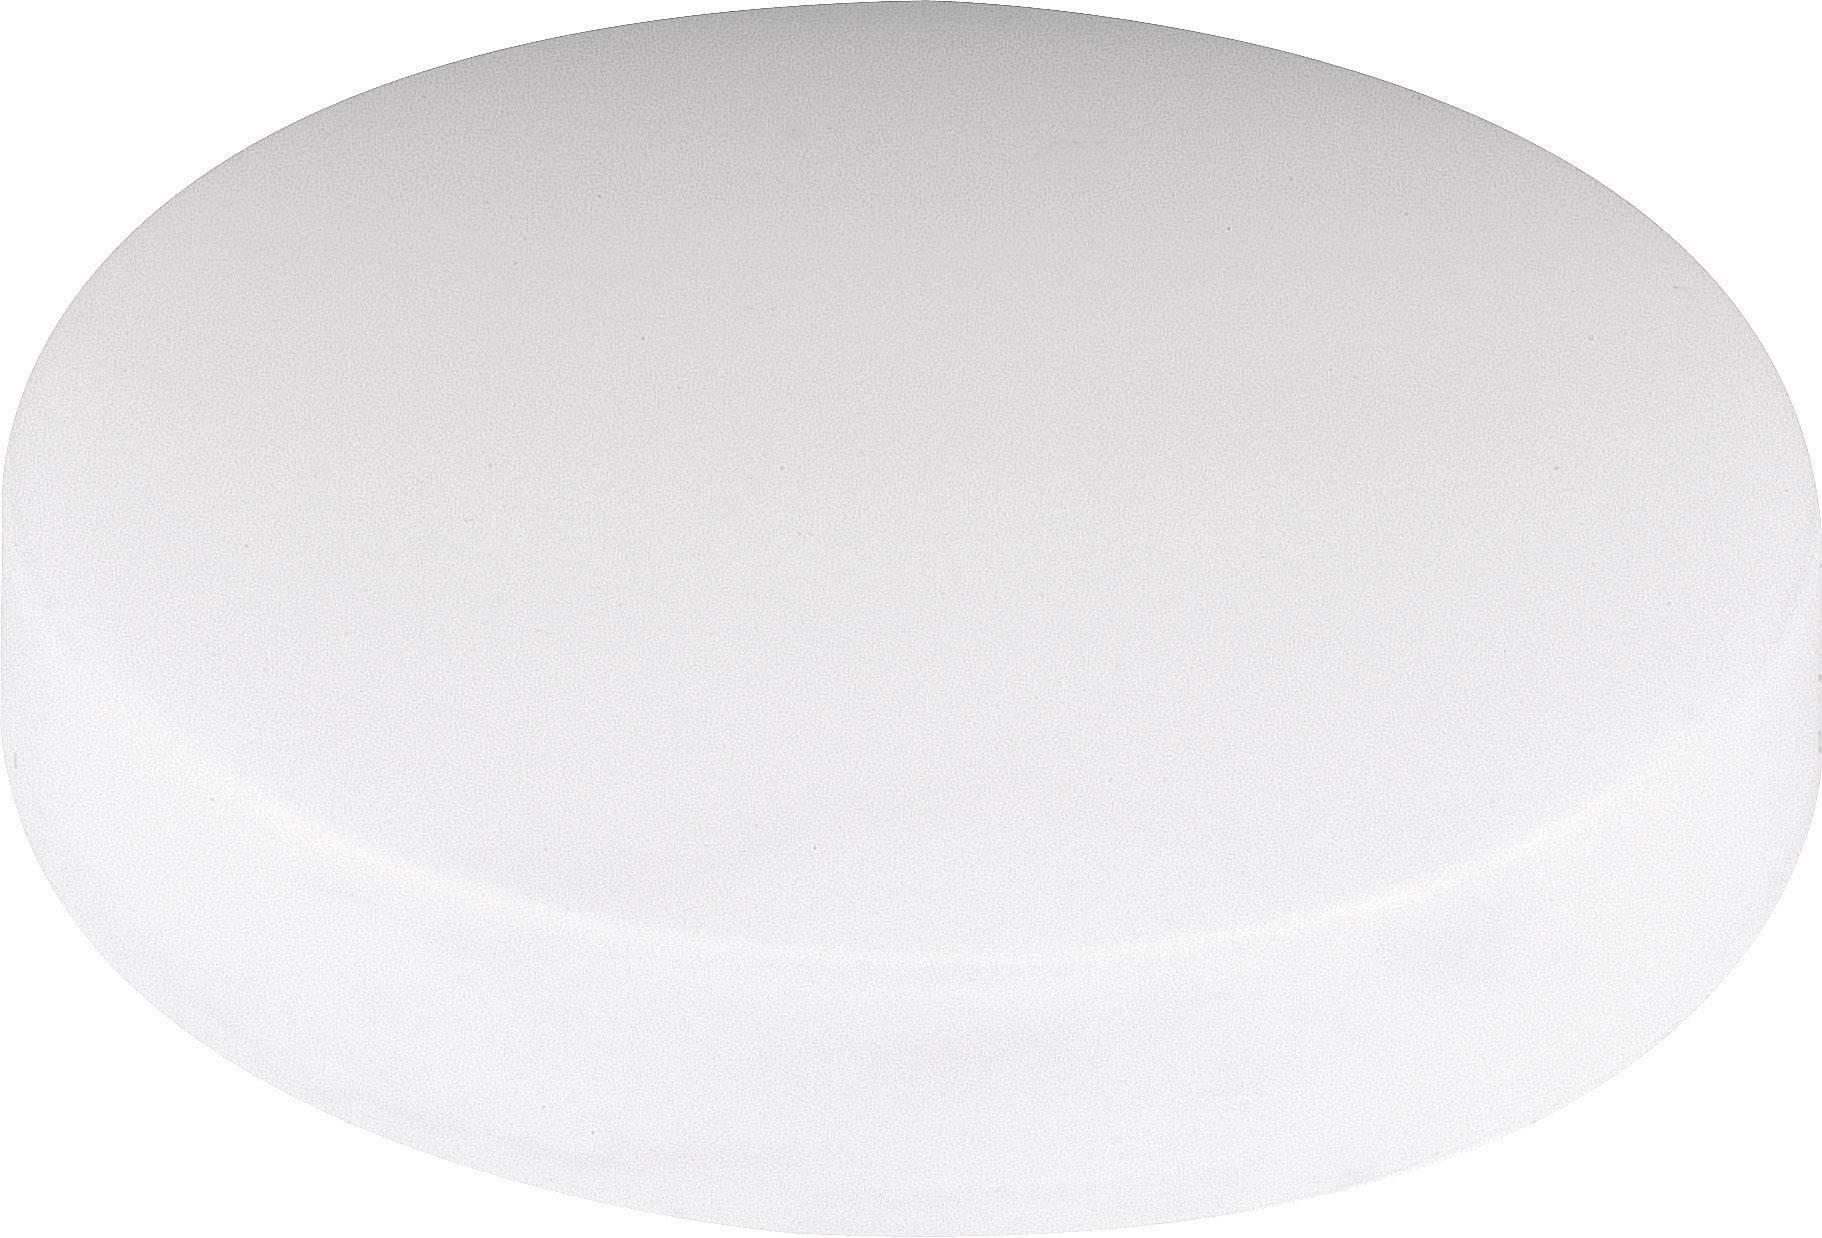 Svetelný poklop Mentor 2451.0600, opálová, vhodný pre reflektor 18 mm